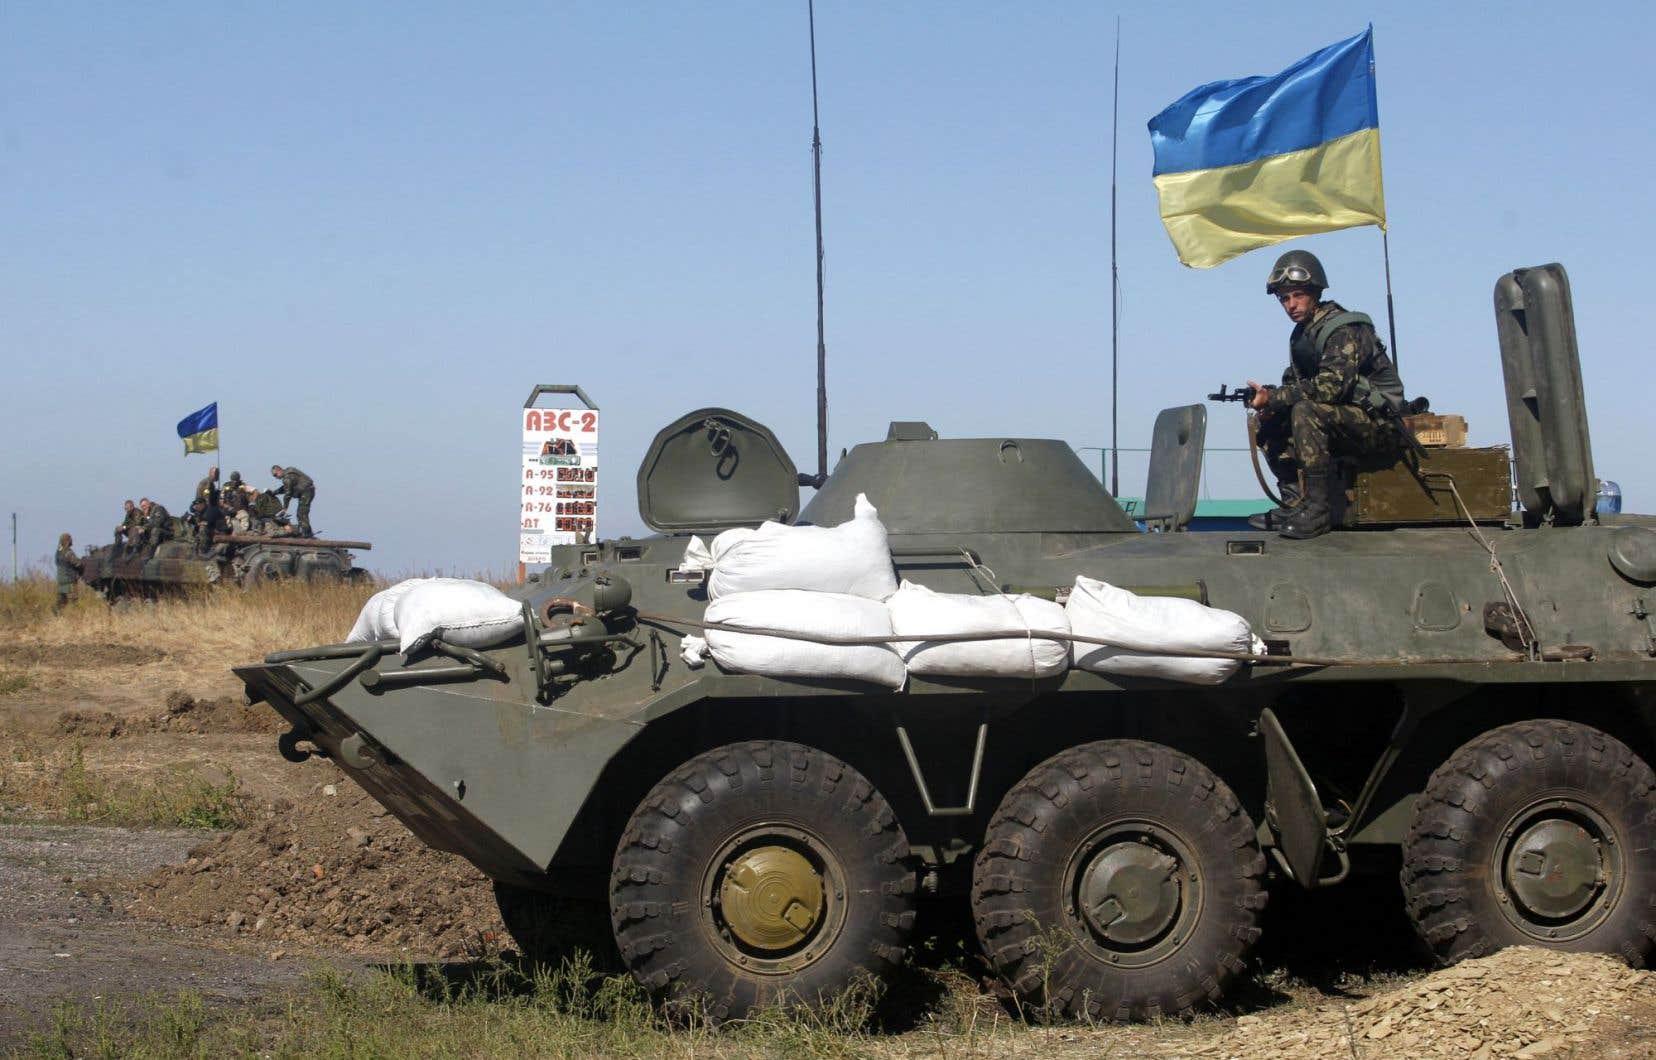 Avec la crise ukrianienne, s'est posé la question de l'élargissement de l'OTAN.